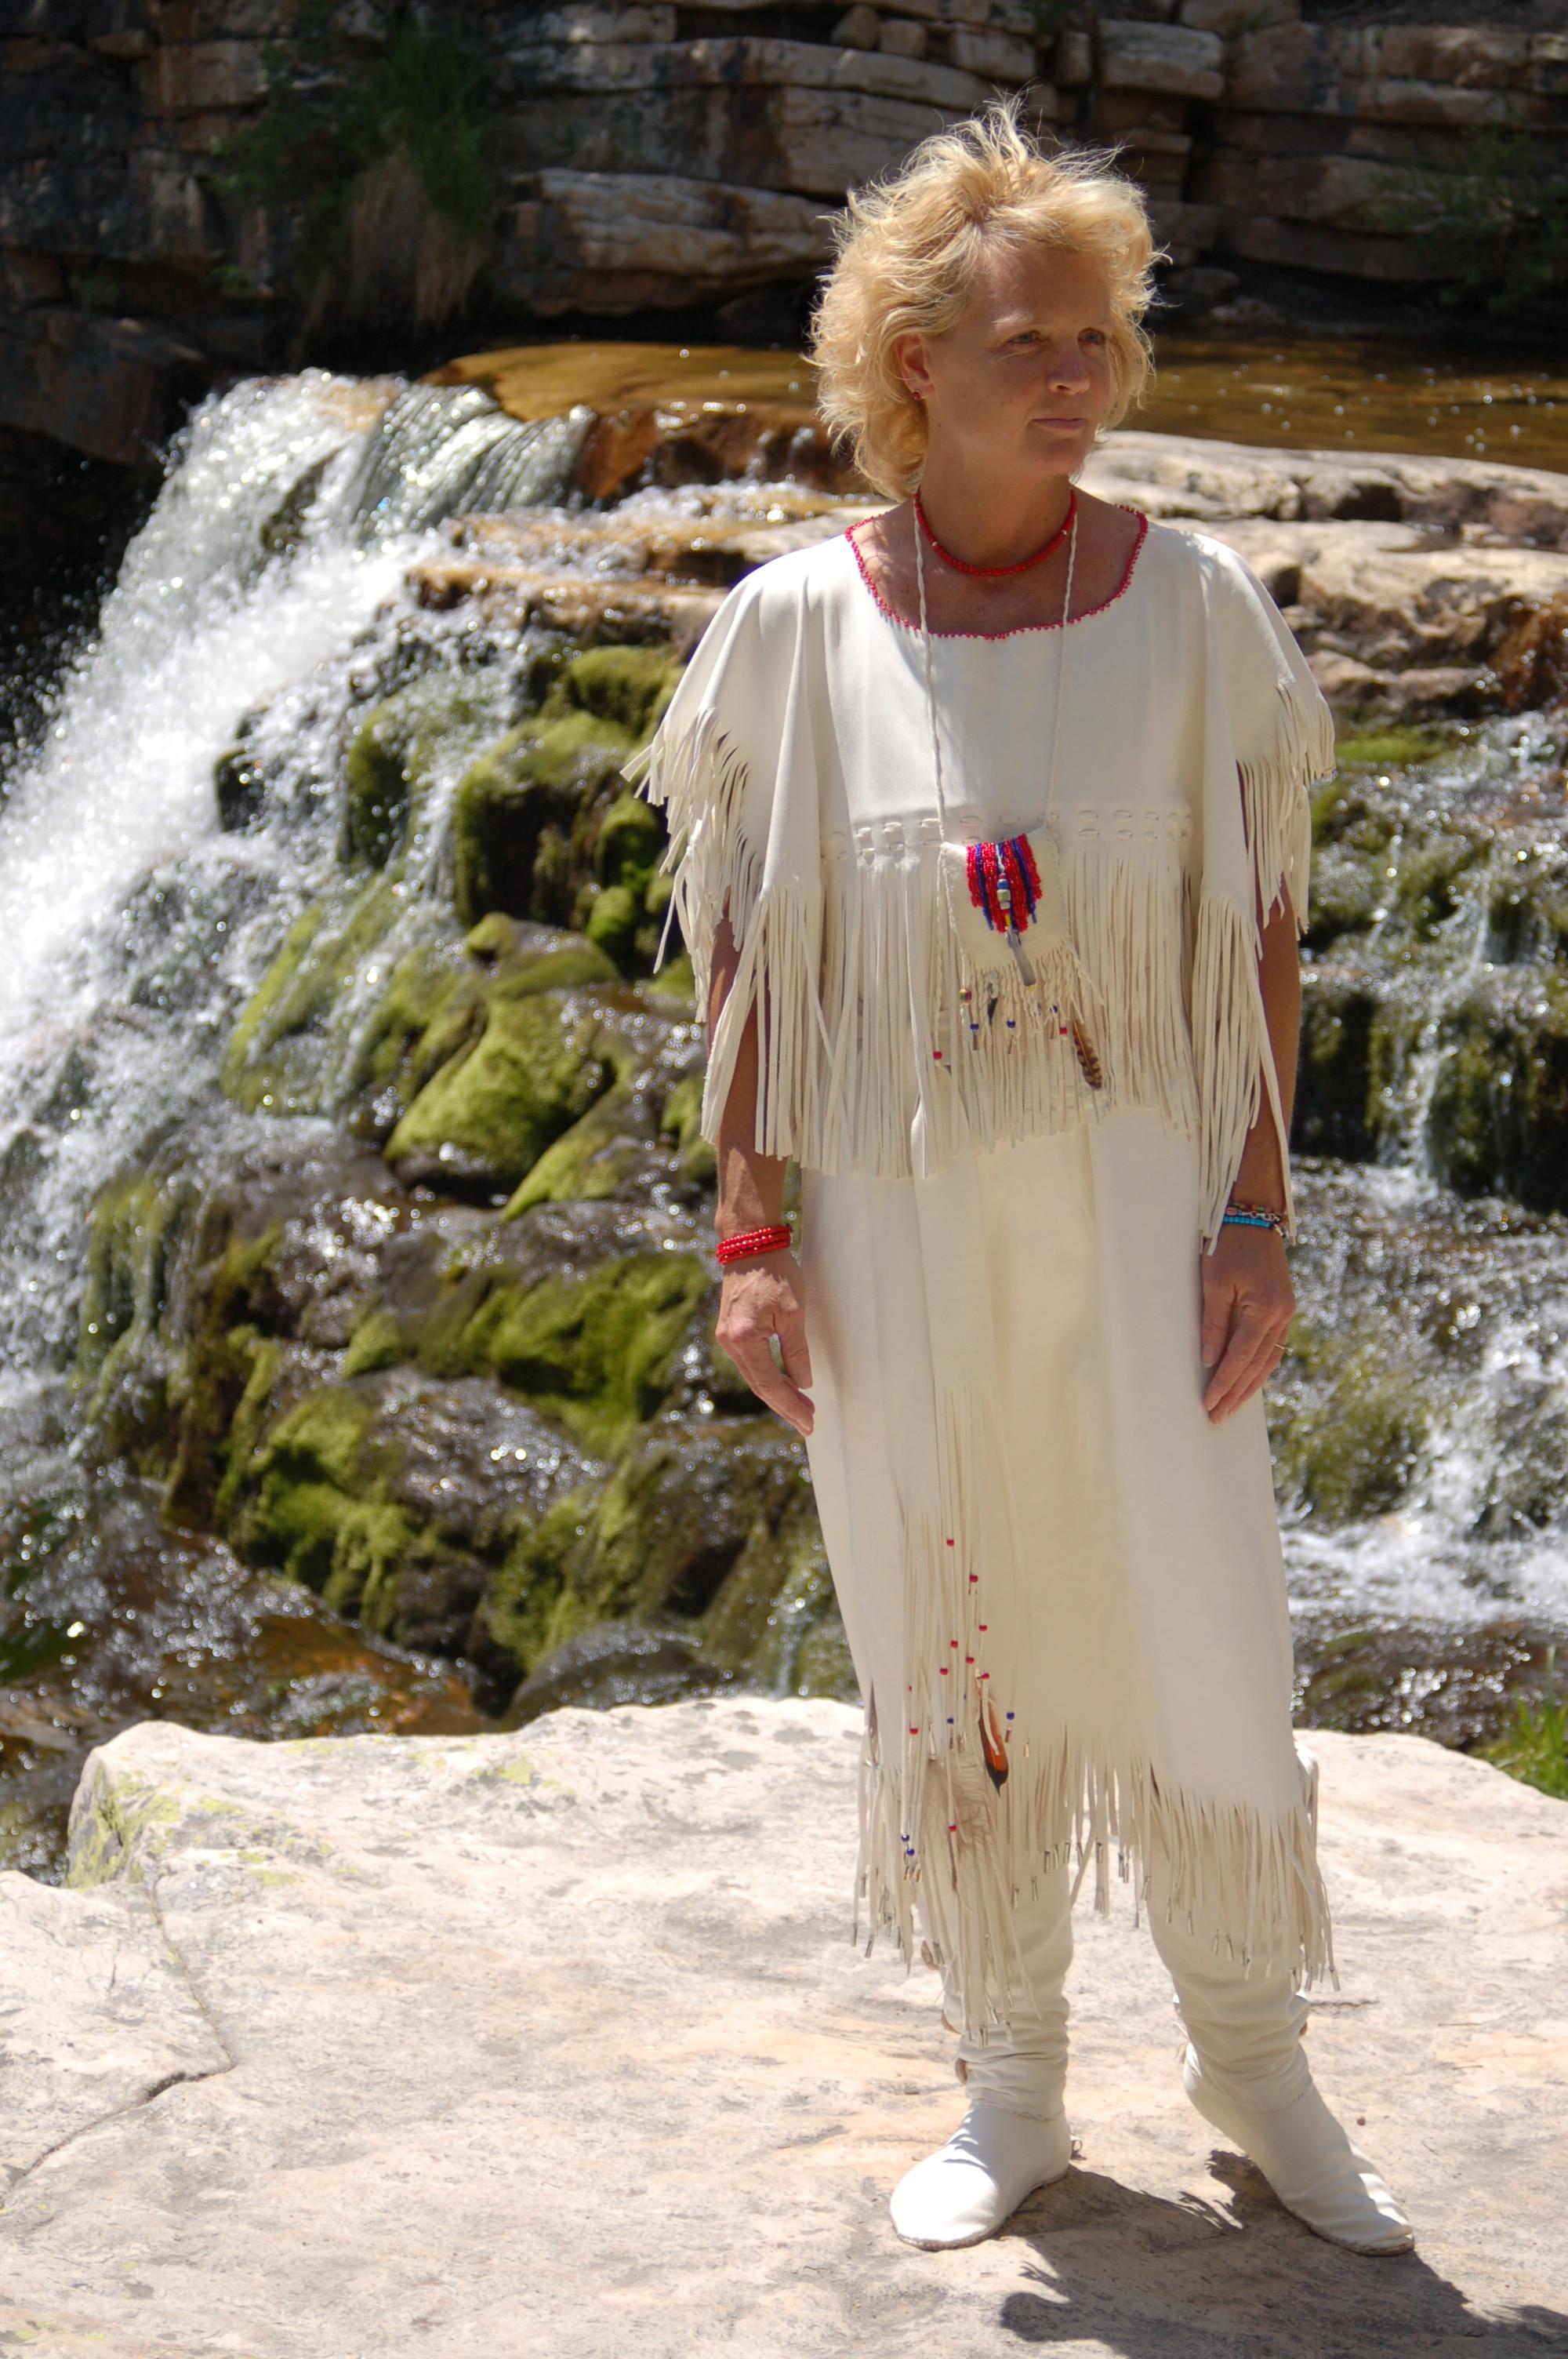 White Buckskin Wedding Dress Tales From The Backroad